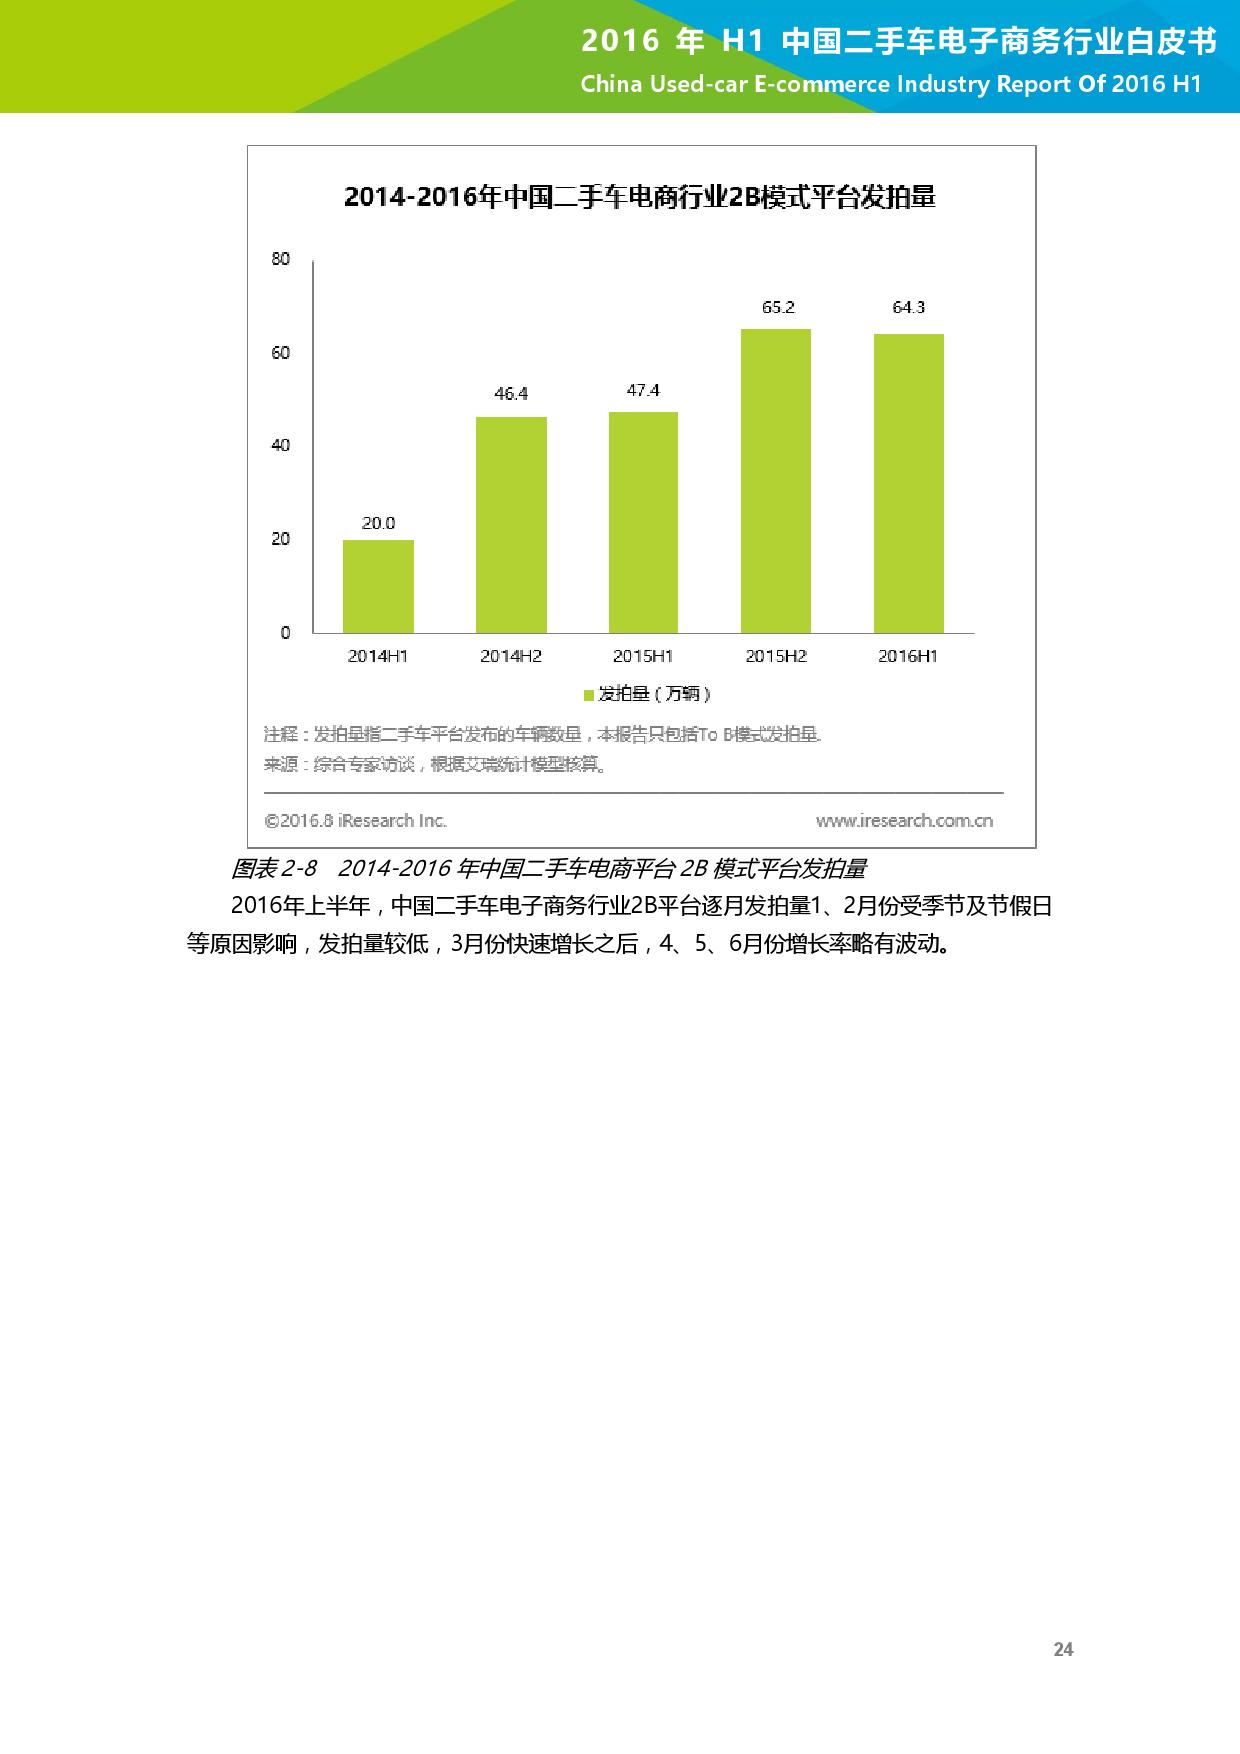 2016年H1中国二手车电子商务行业白皮书_000025